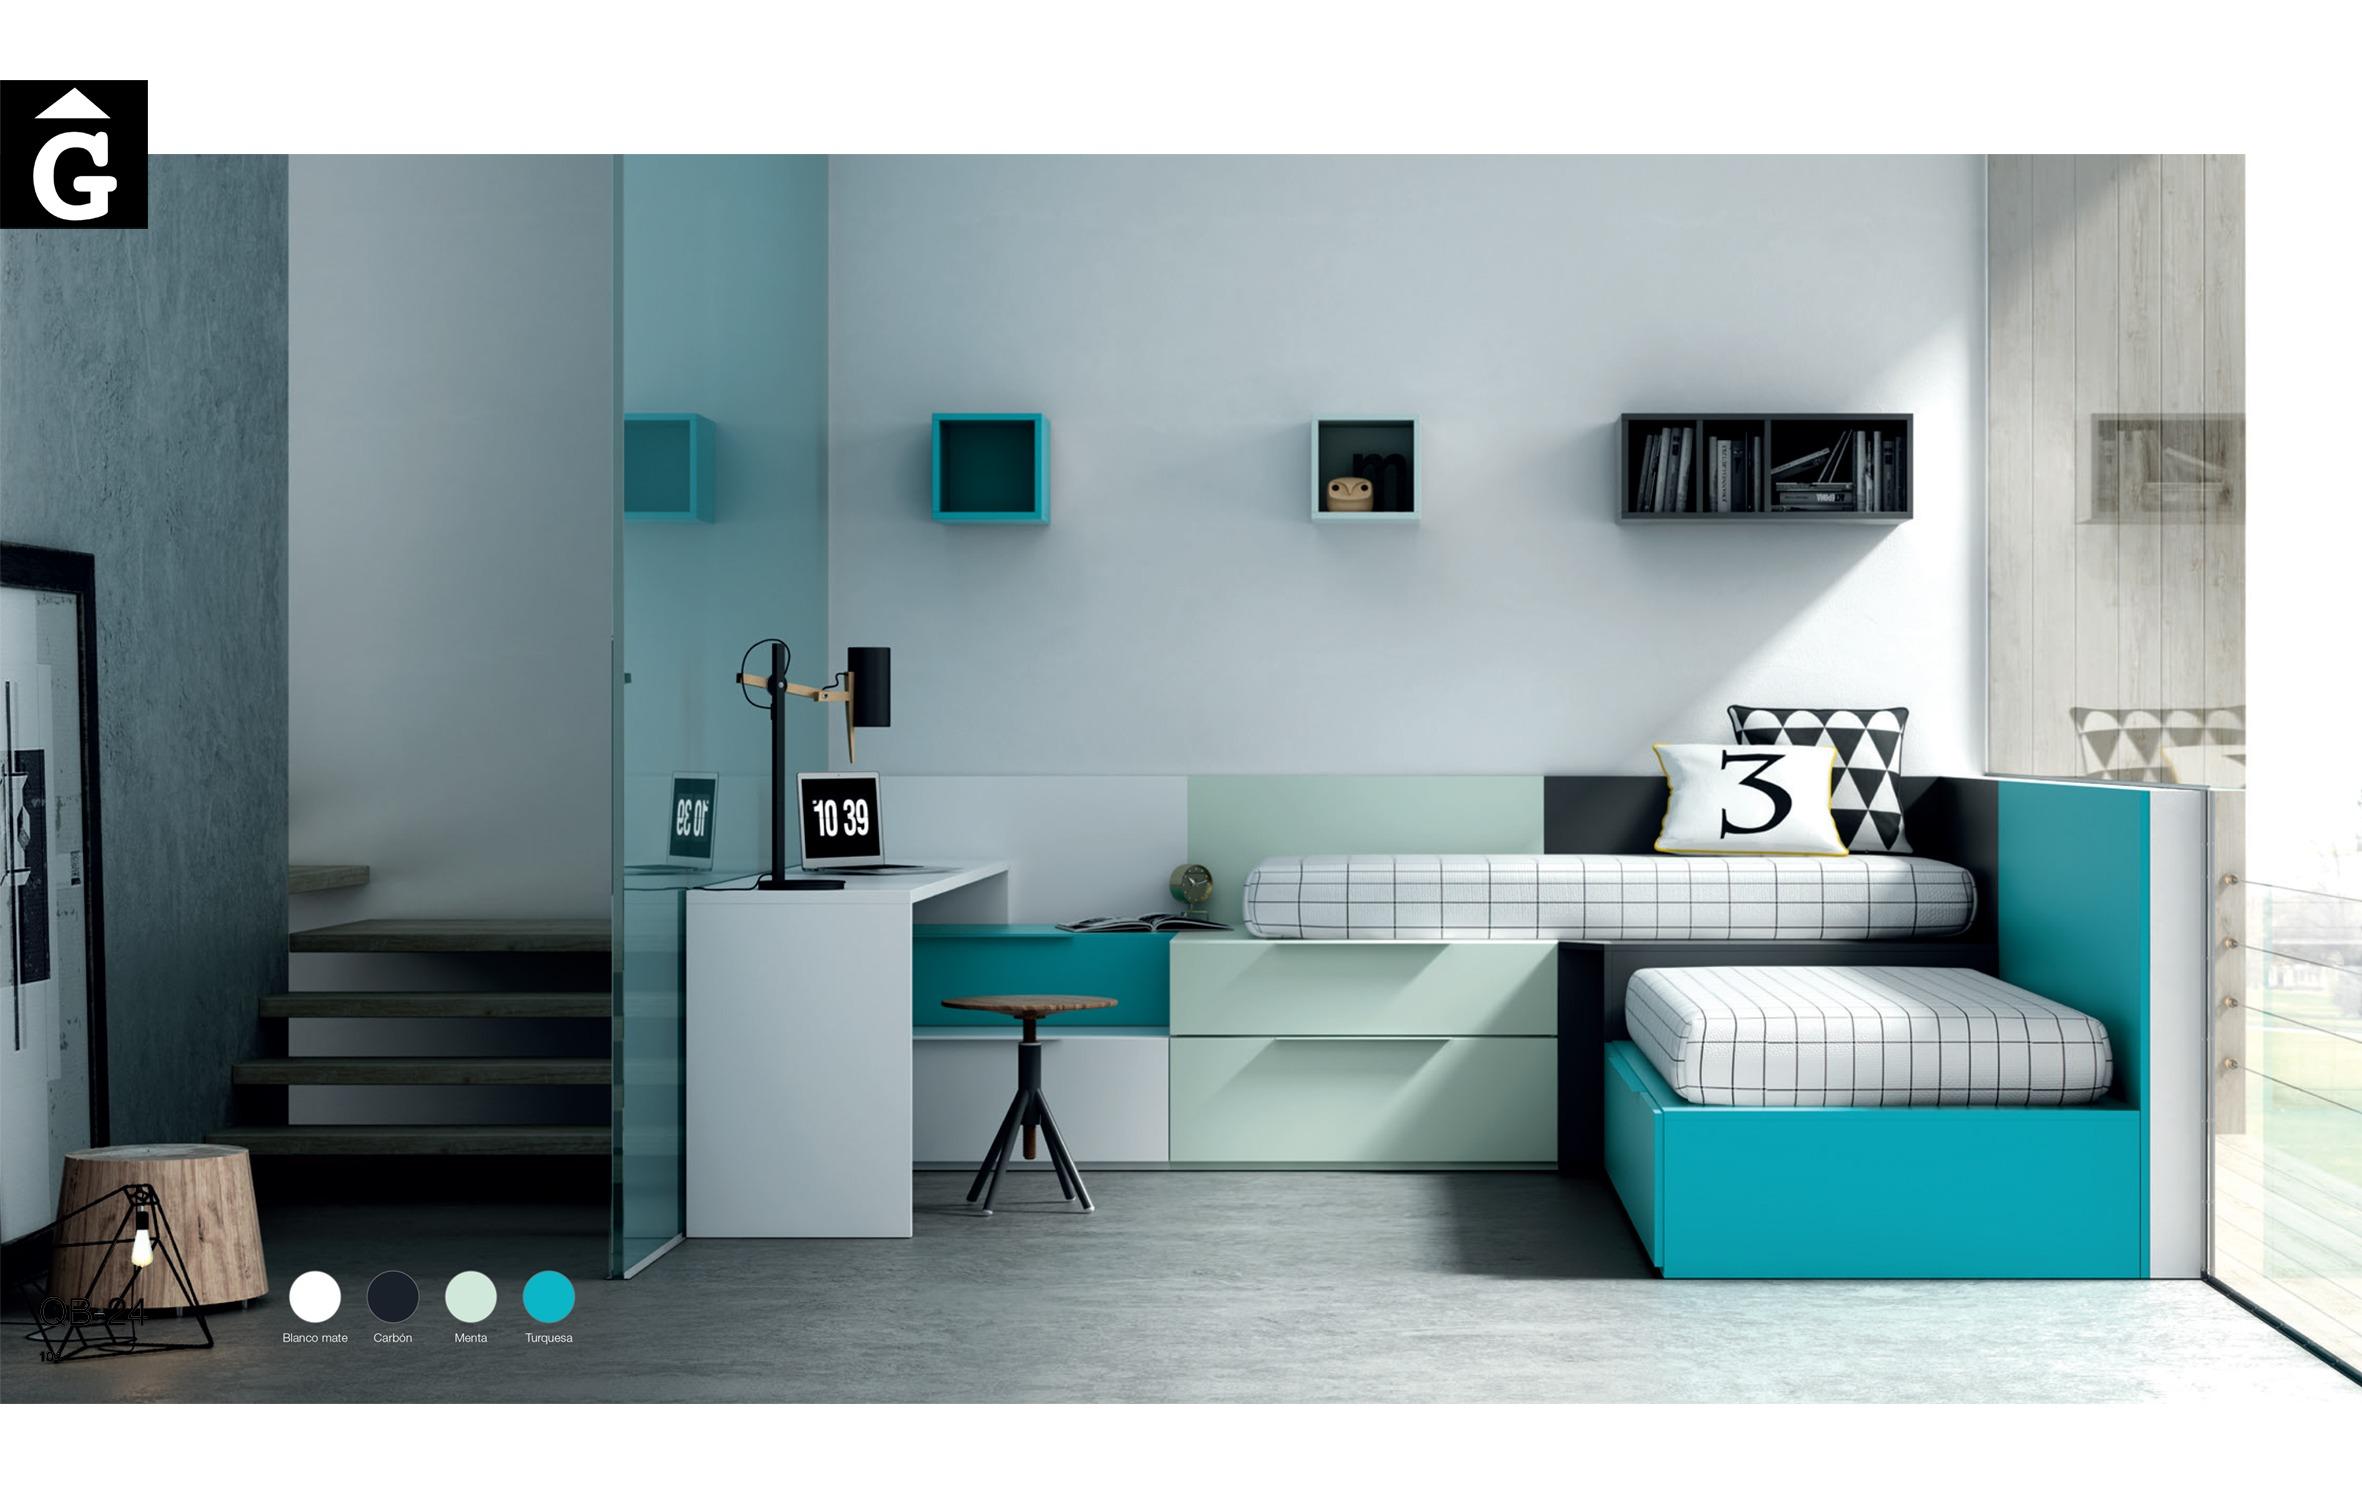 53 QB Tegar by Mobles GIFREU Girona modern minim elegant atemporal